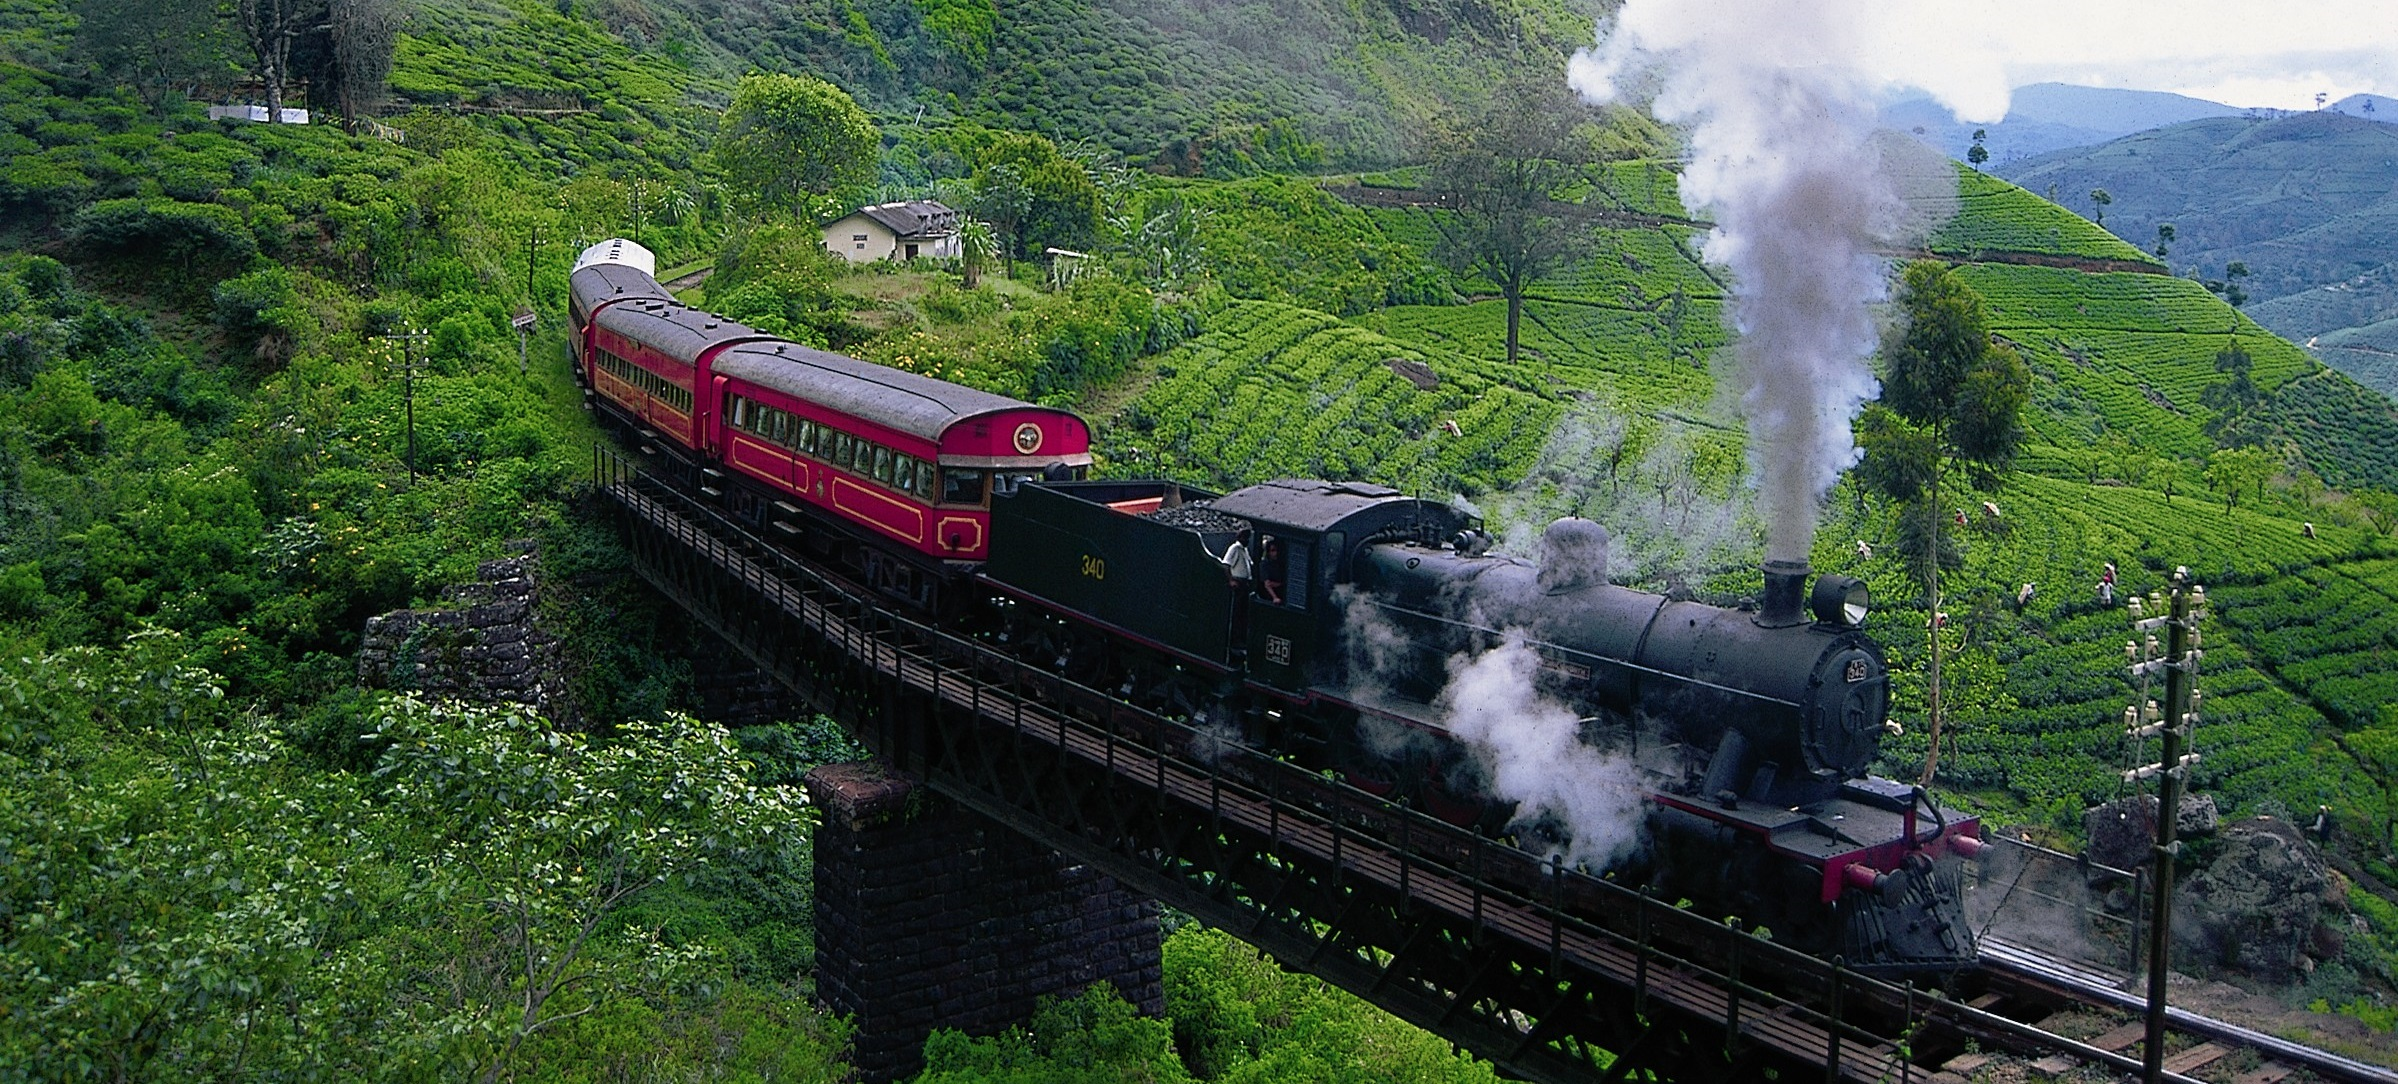 Nuwara Eliya to Ella Train.jpg